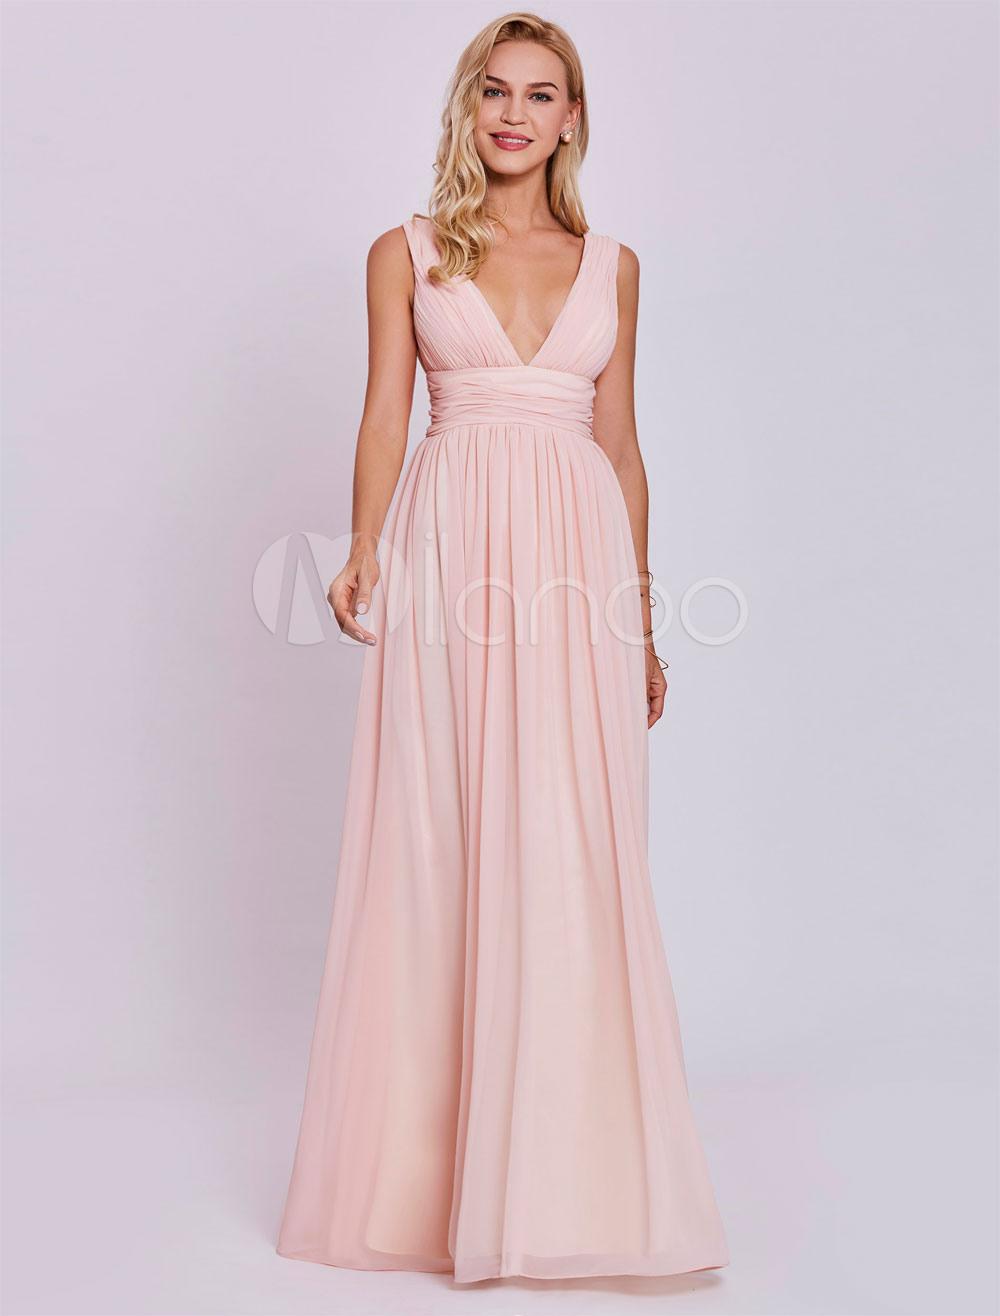 Ausgezeichnet Abendkleid Tiefer Ausschnitt StylishFormal Genial Abendkleid Tiefer Ausschnitt Bester Preis